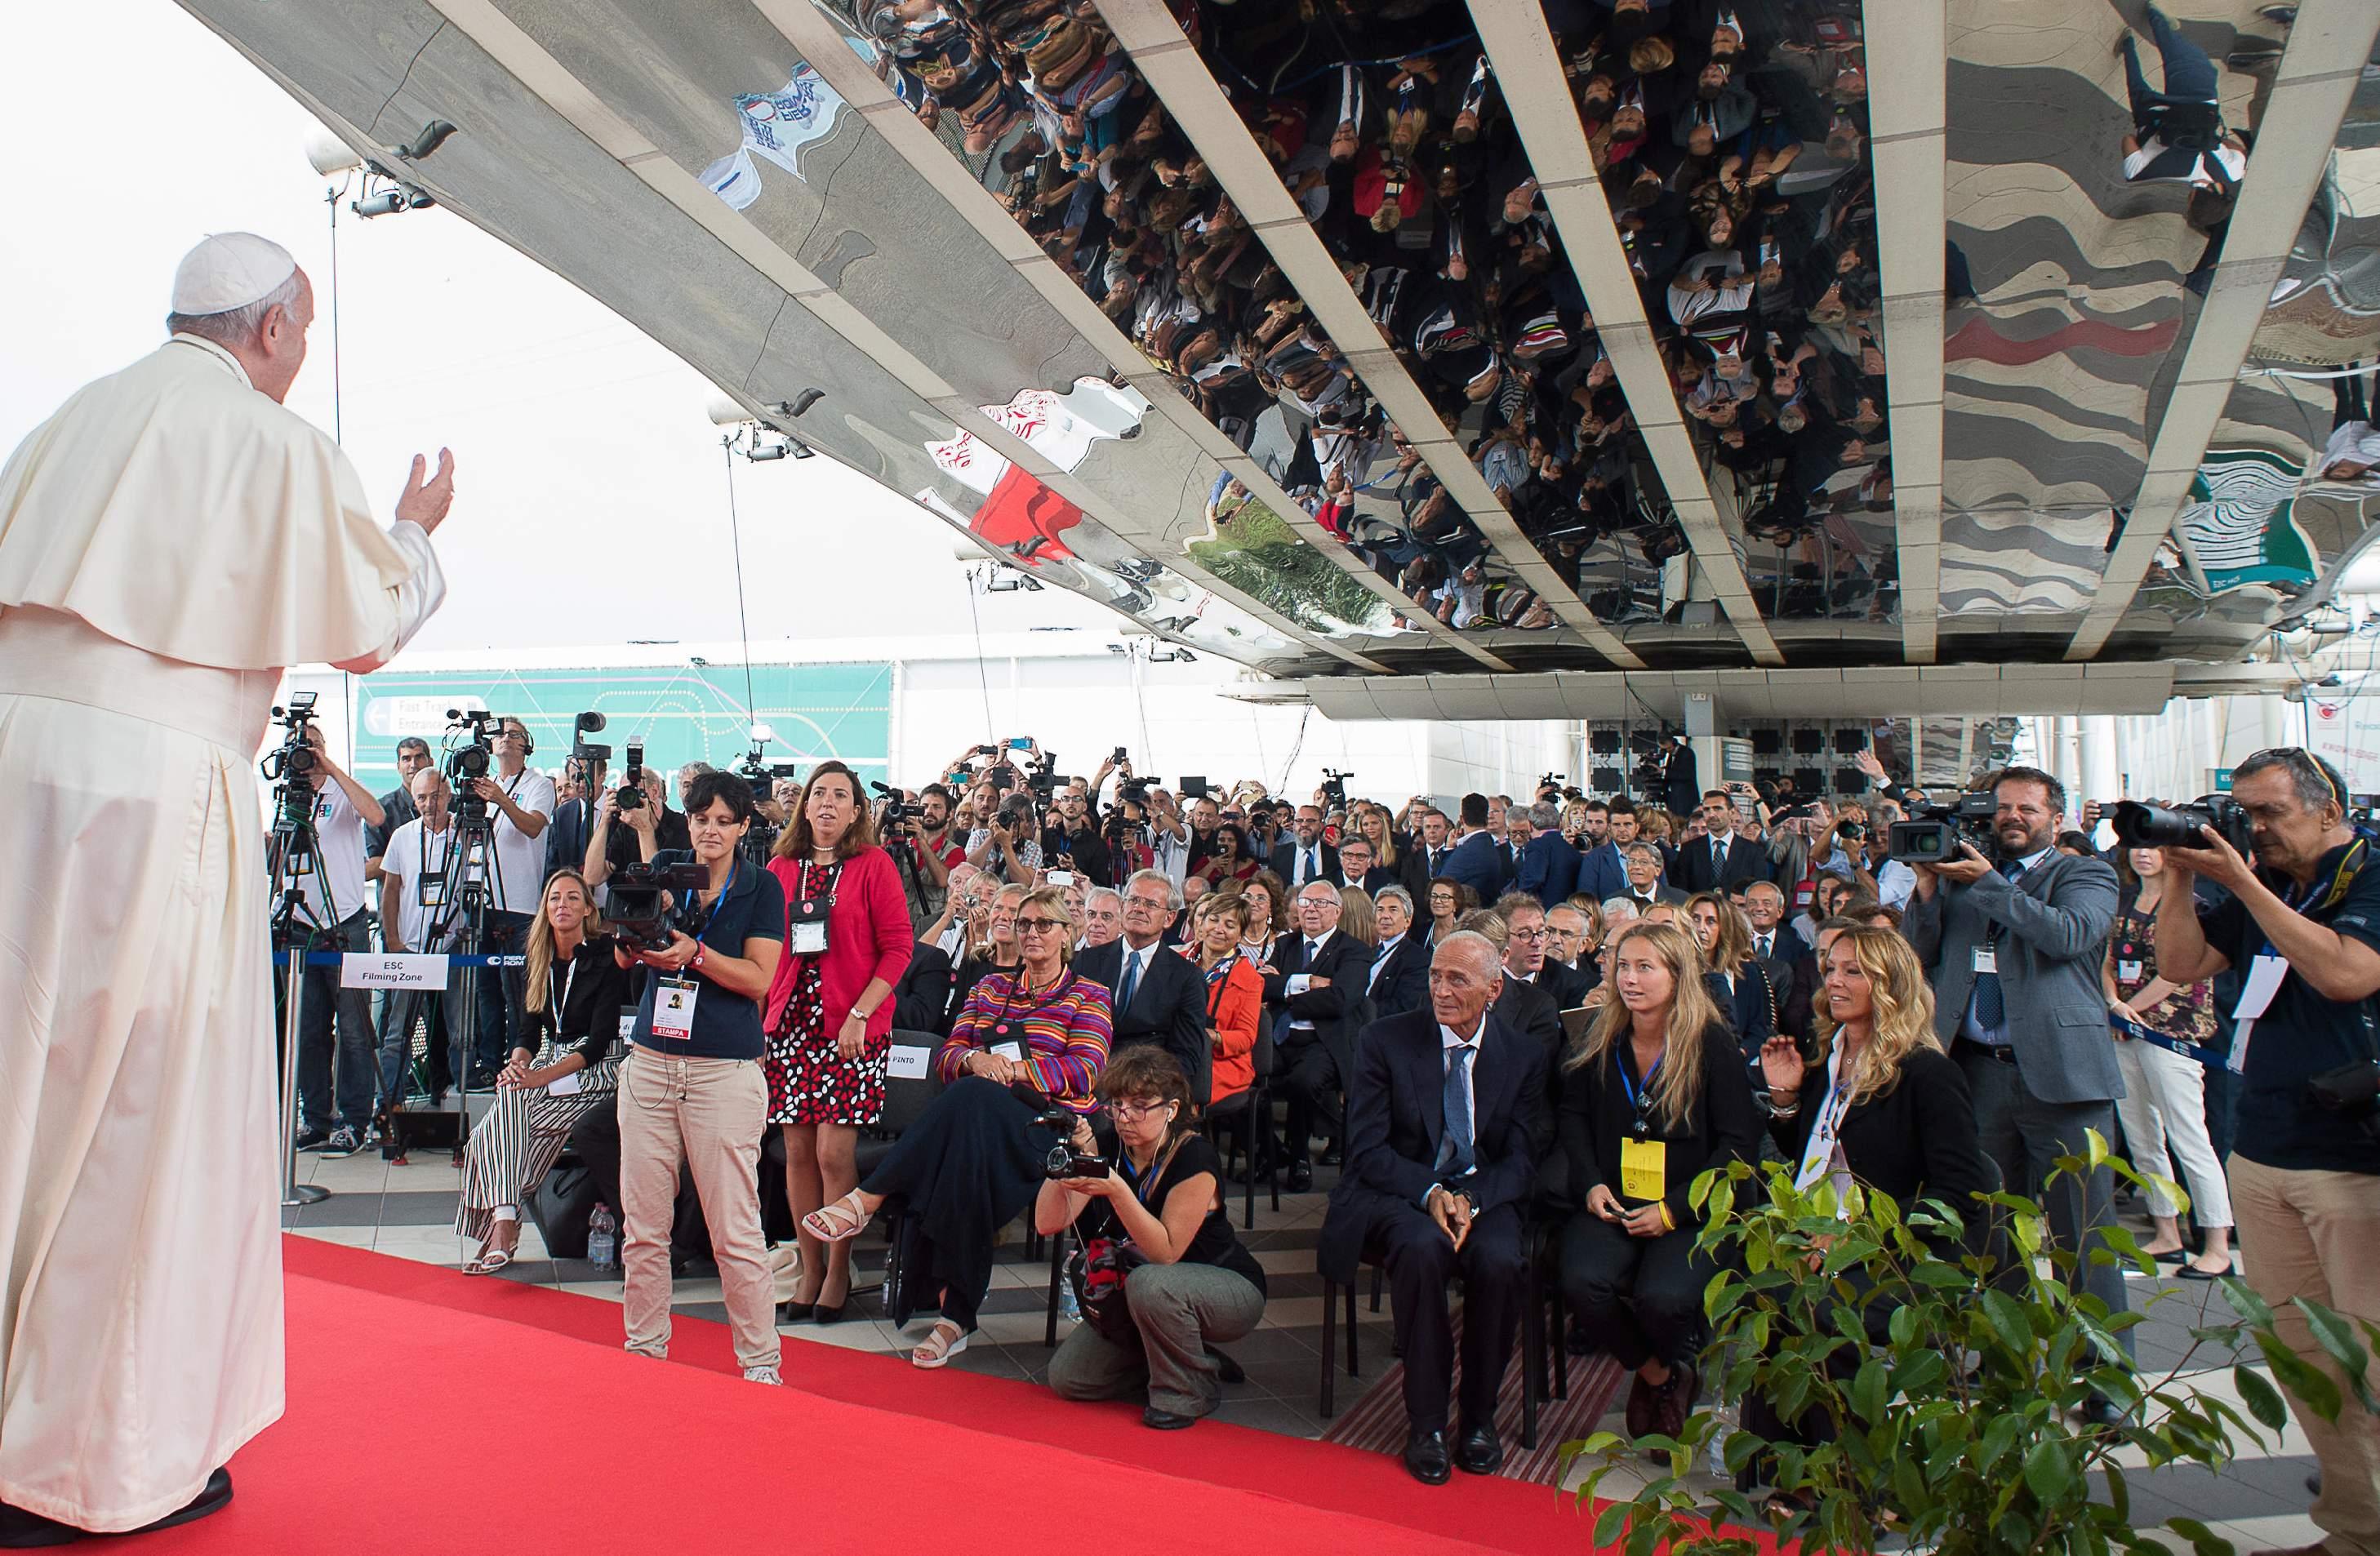 El Papa en el congreso de cardiologia (© Osserv. Romano)